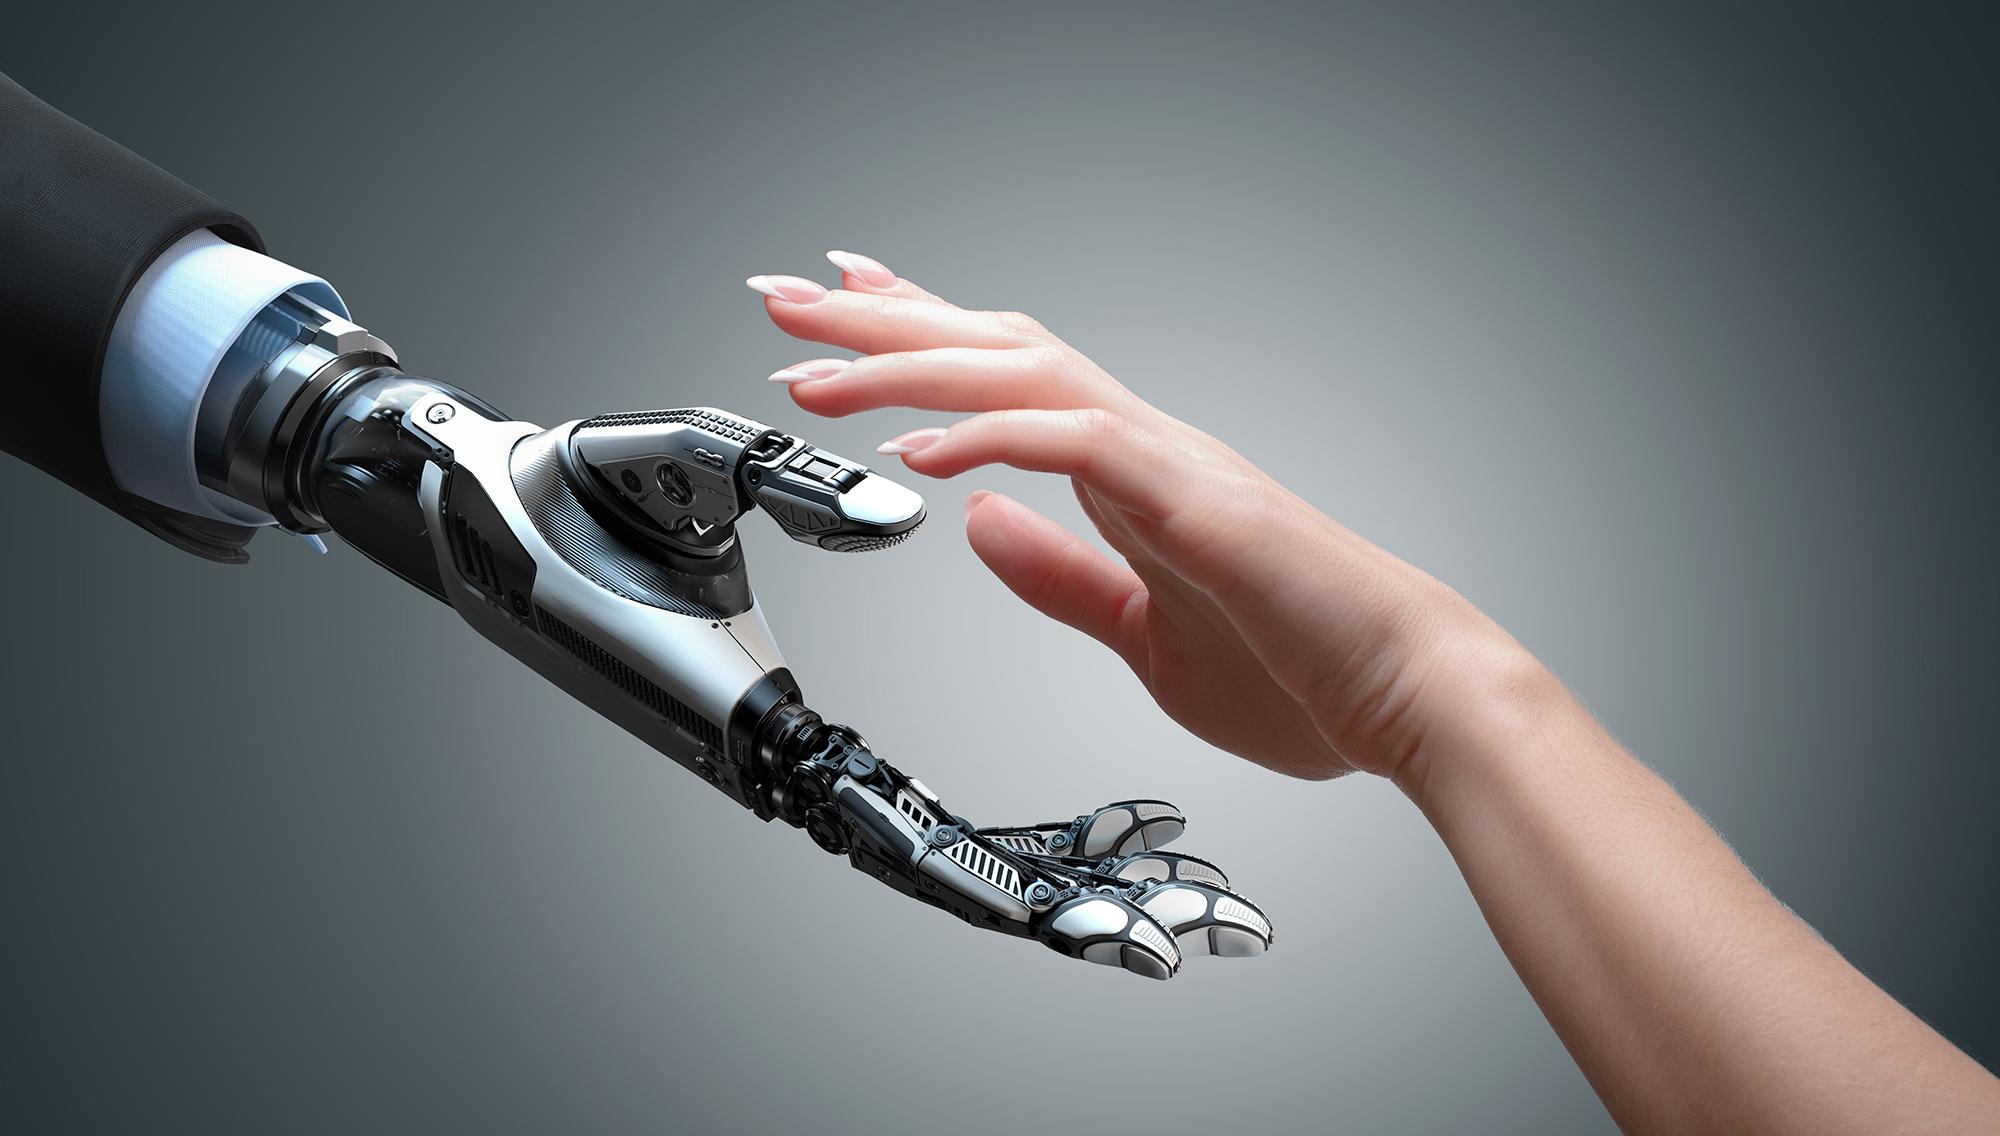 uma mão robótica se encontrando com uma mão humana preste a se tocarem